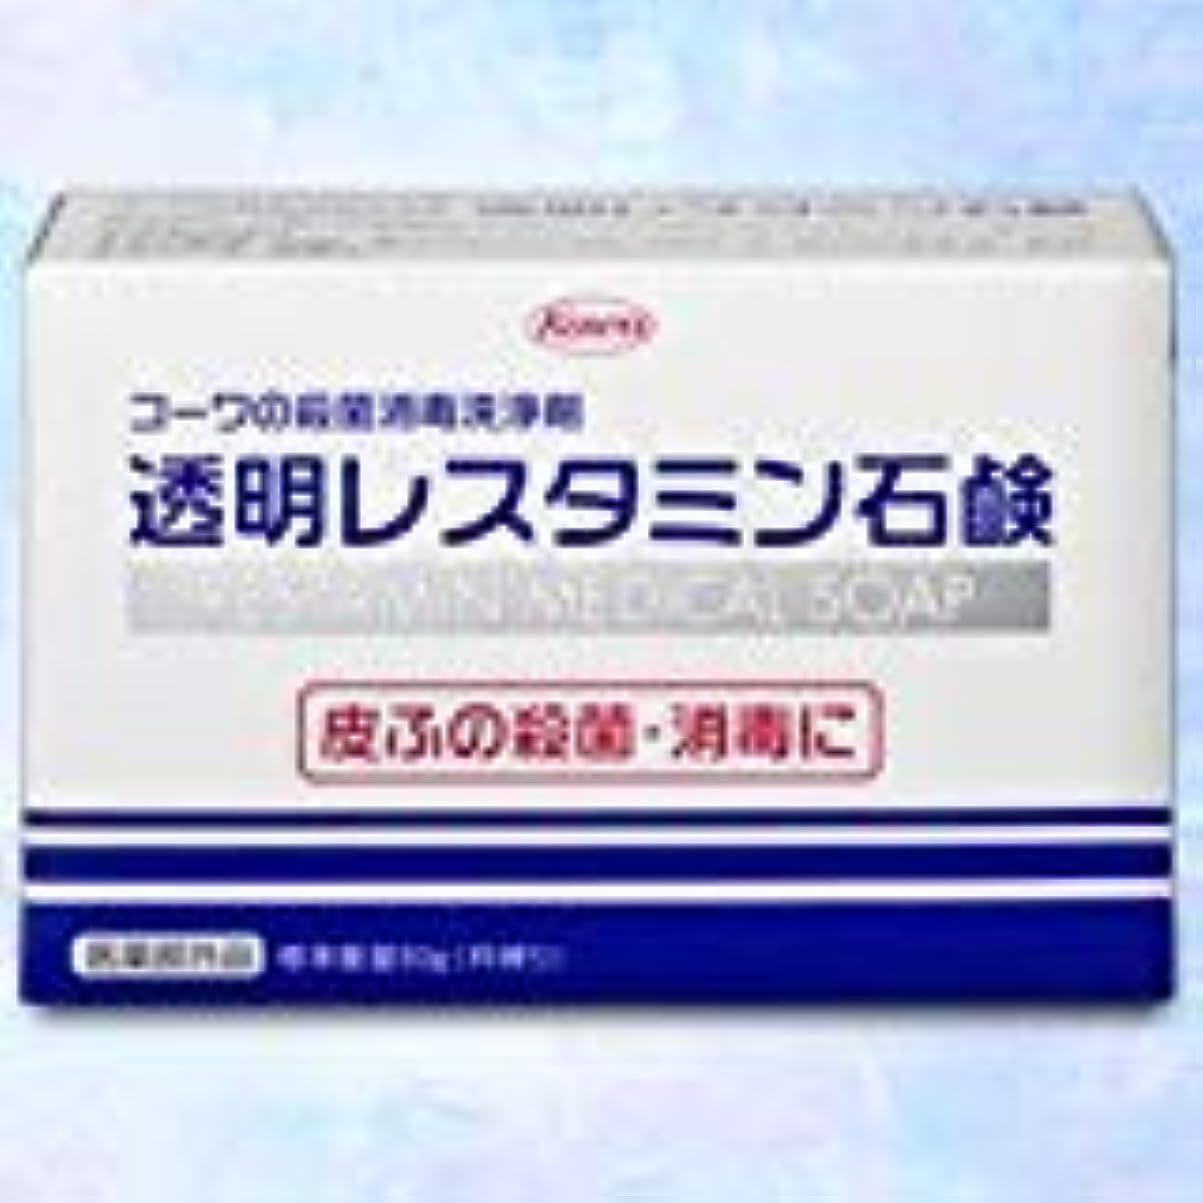 乱暴なゴールデン一族【興和】コーワの殺菌消毒洗浄剤「透明レスタミン石鹸」80g(医薬部外品) ×3個セット